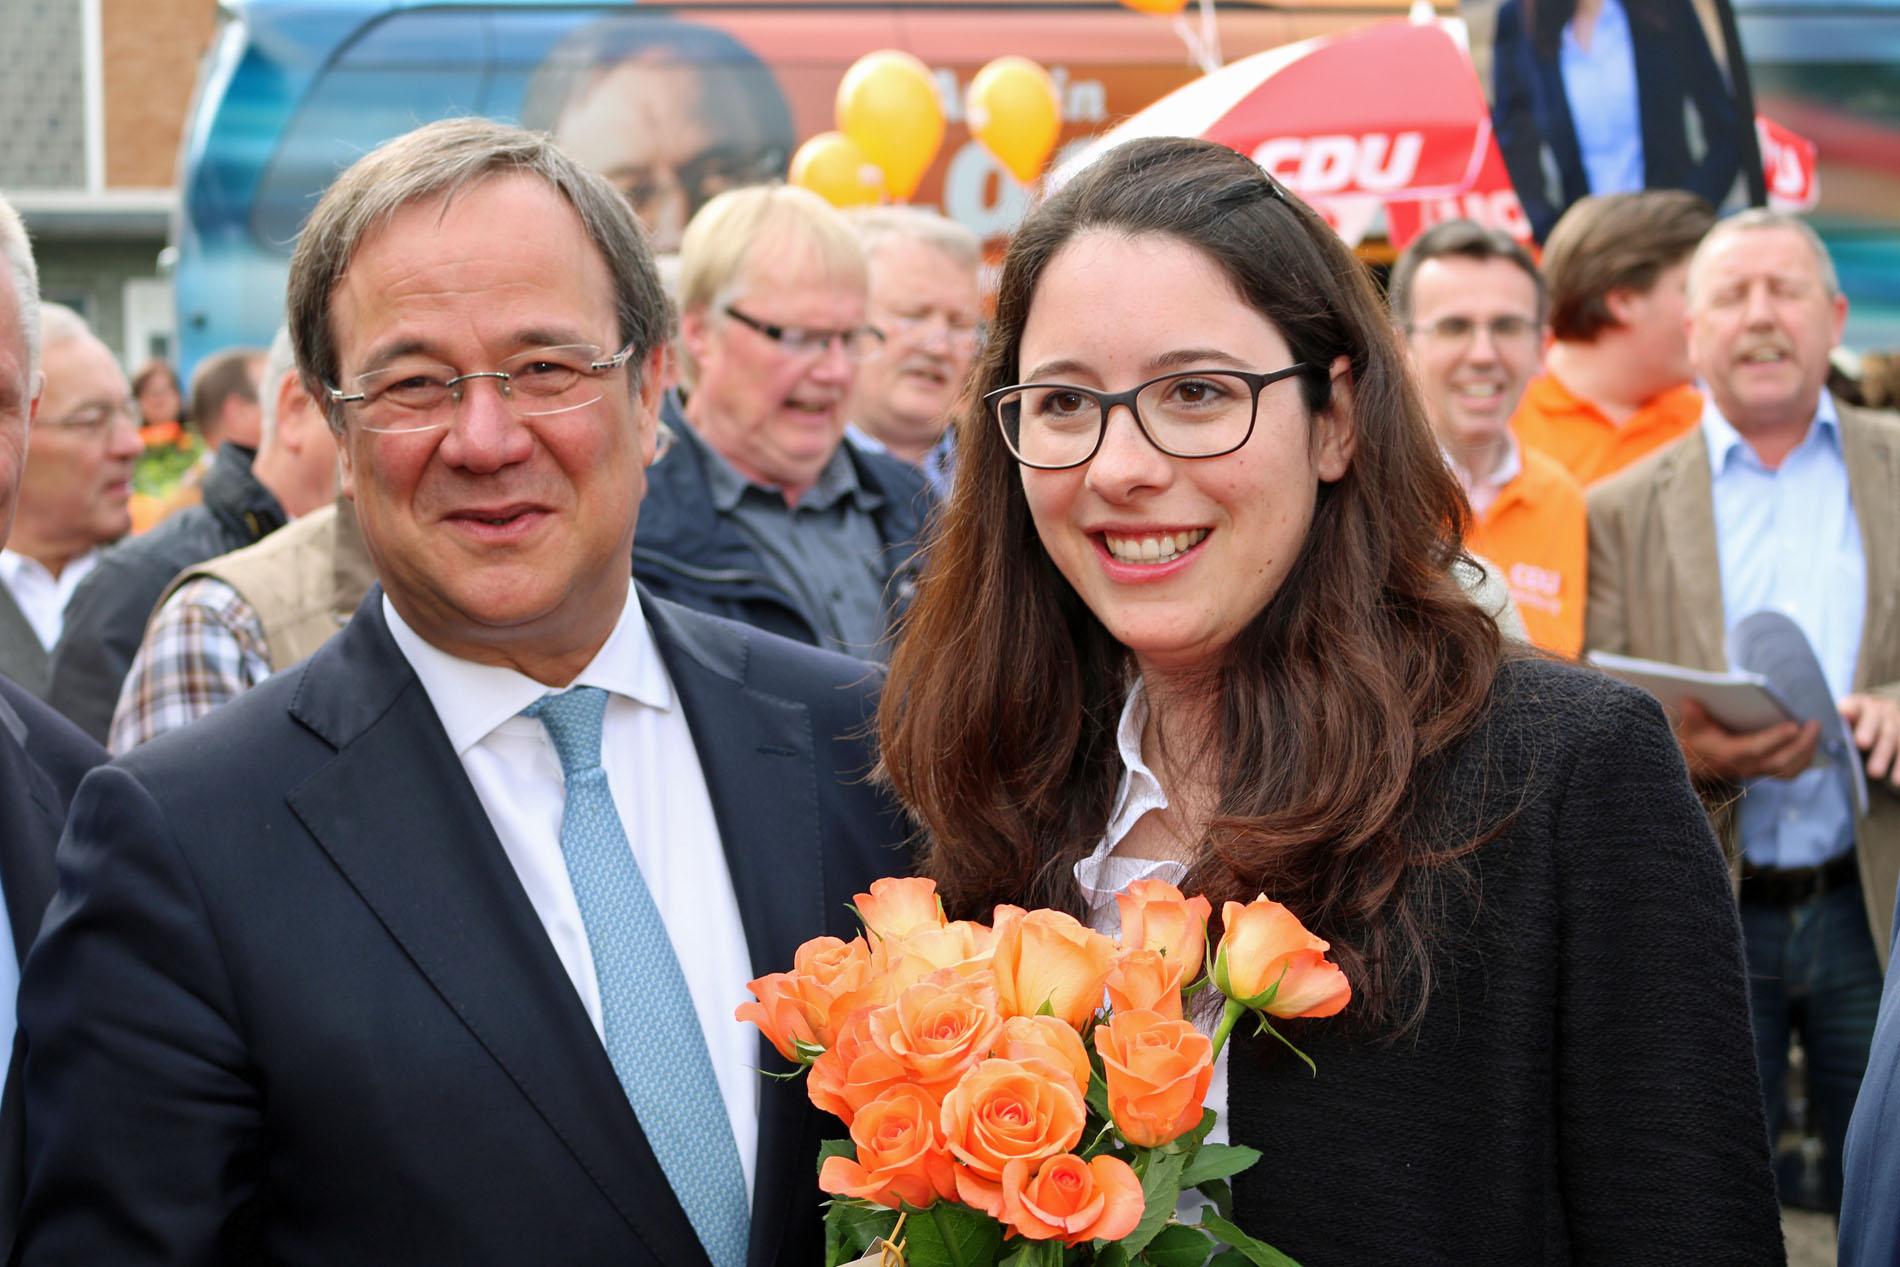 Der neue NRW Ministerpräsident Armin Laschet mit Romina Plonsker, Landtagskandidatin Rhein-Erft-Kreis. (Foto: Bastian Schlößer)